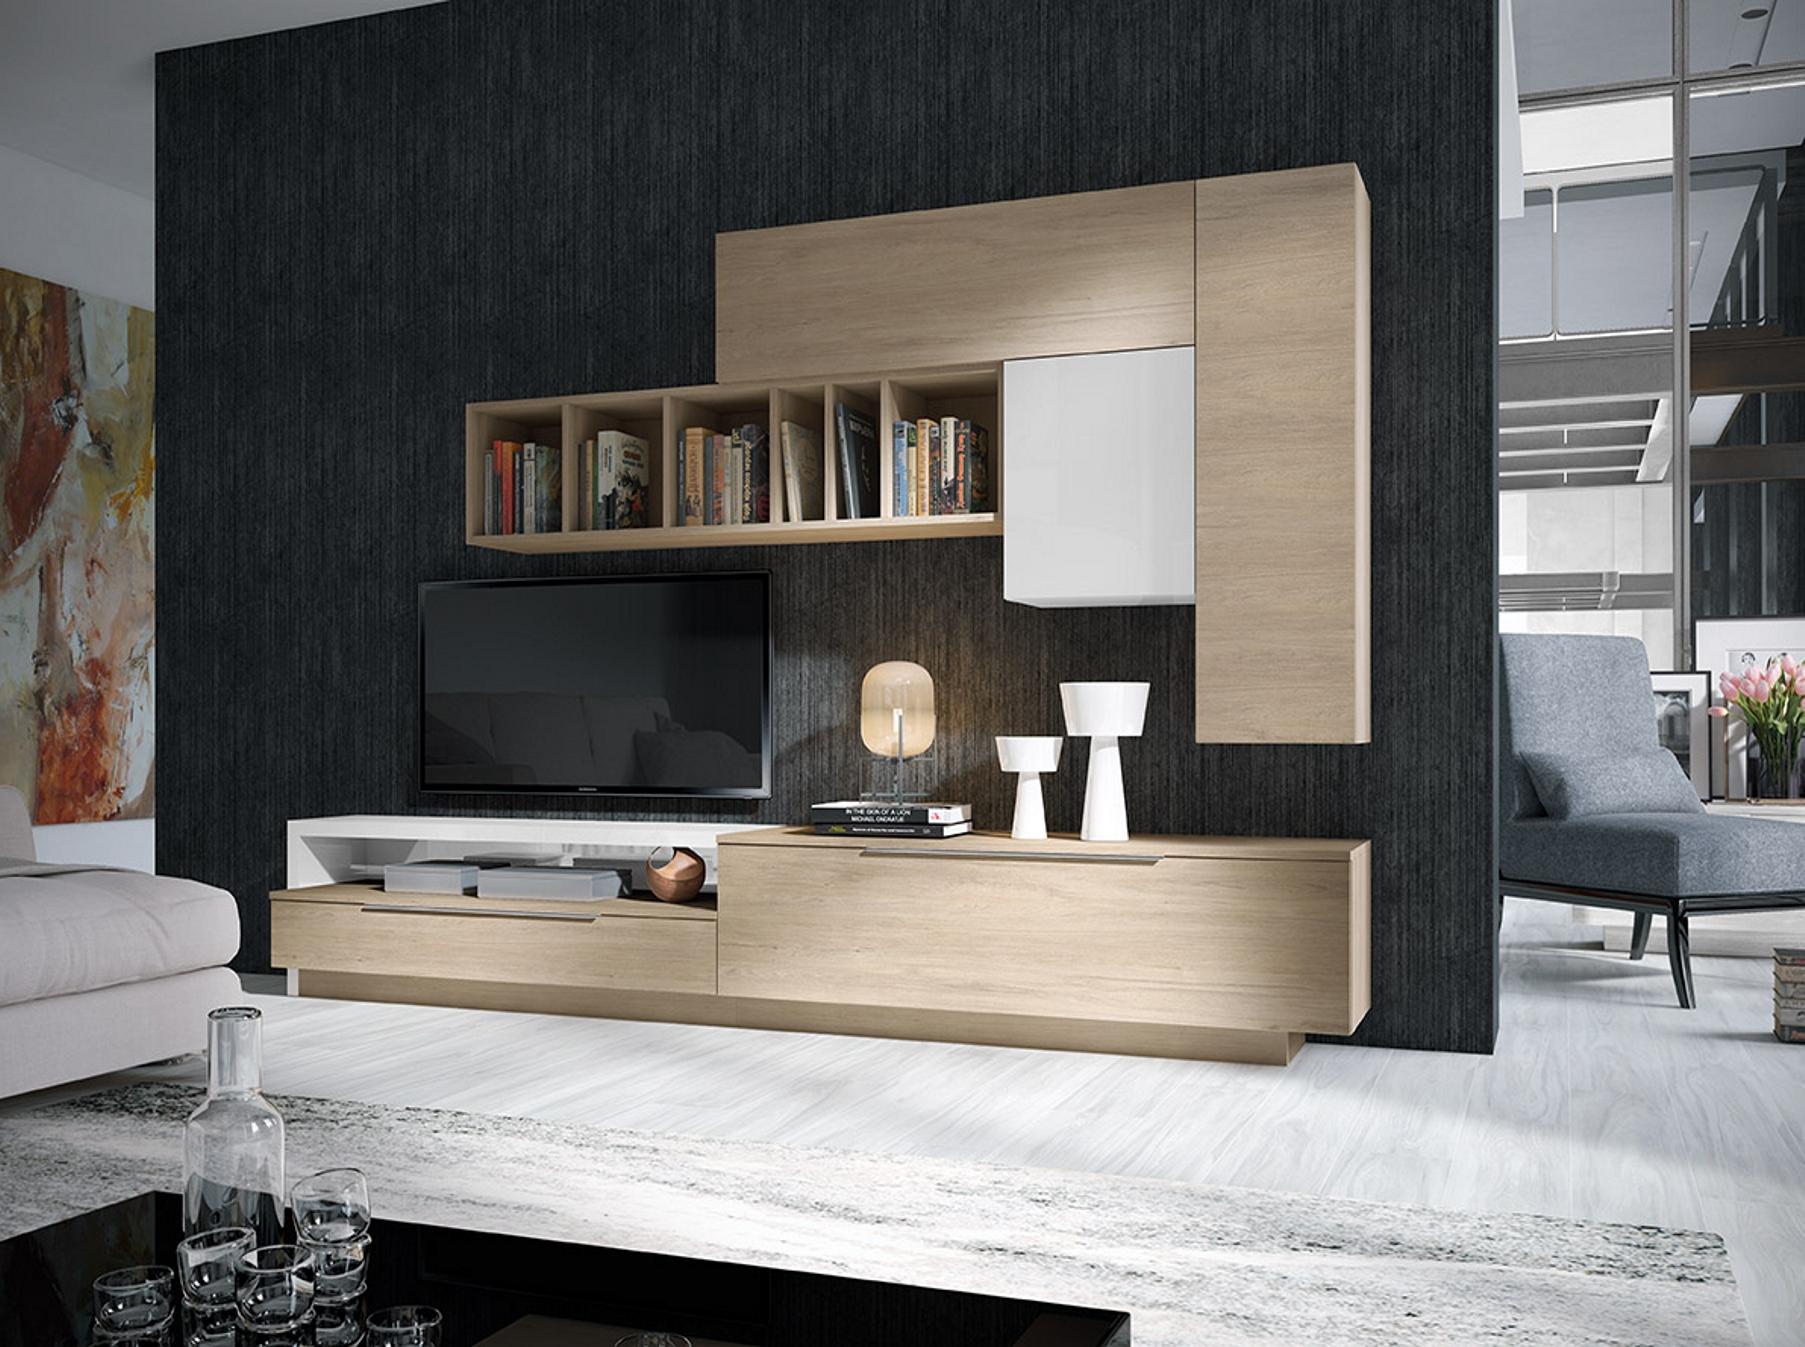 salon-moderno-Zion-3.0-muebles-paco-caballero-0907-5c8d32e5b8f49